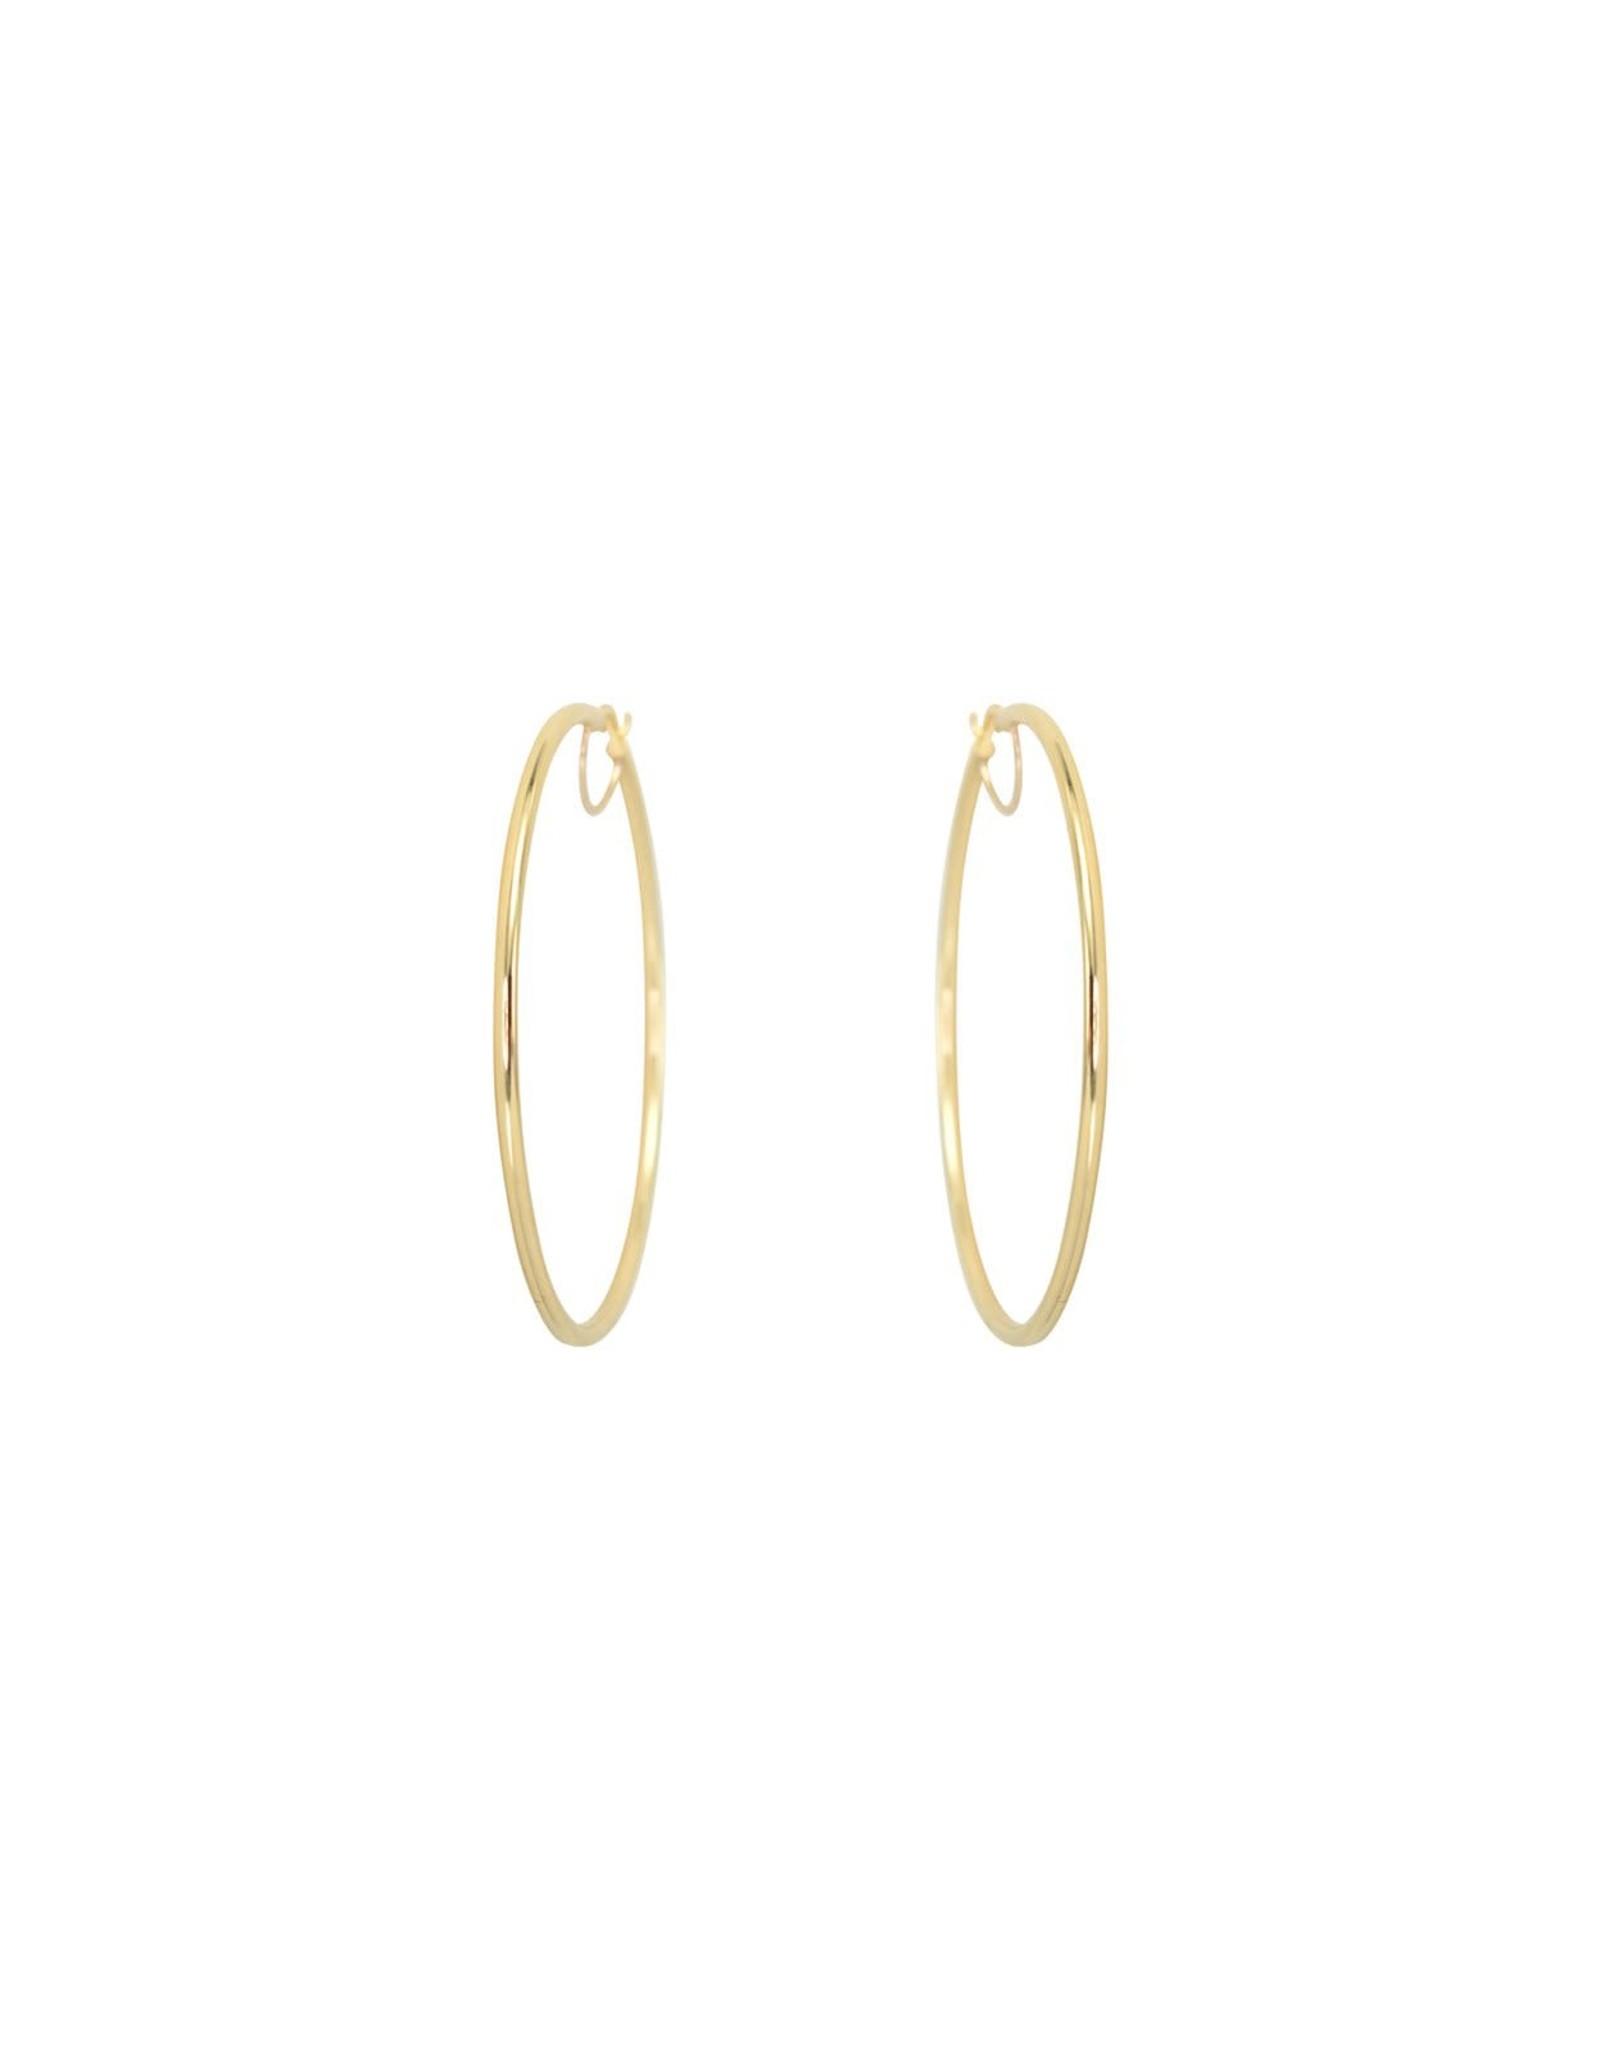 Boucles d'oreilles créoles Grandes Anneaux tube Or 10K